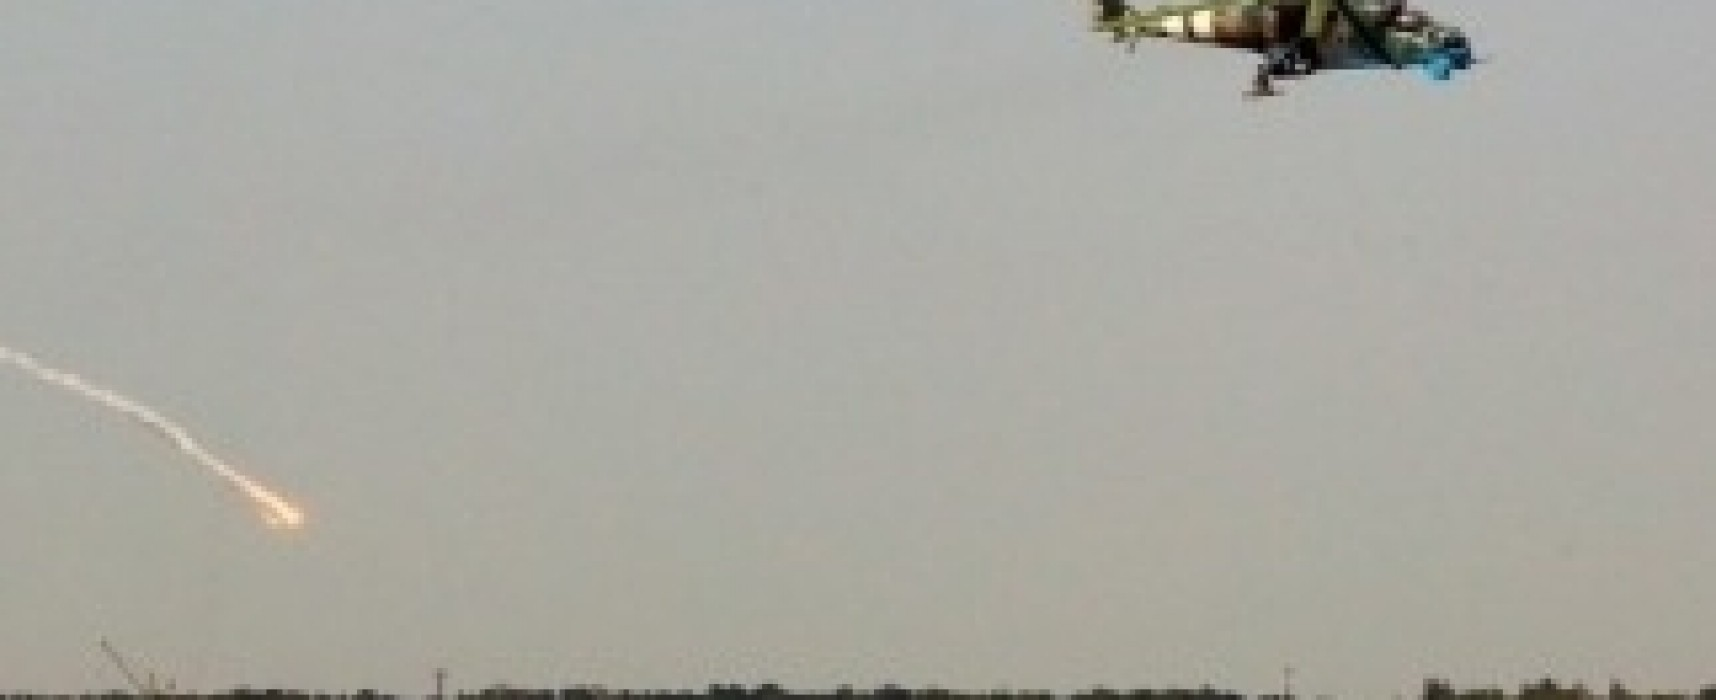 Ложь: бойцы 831-й миргородской авиабригады расстреливали мирных жителей в Донецке